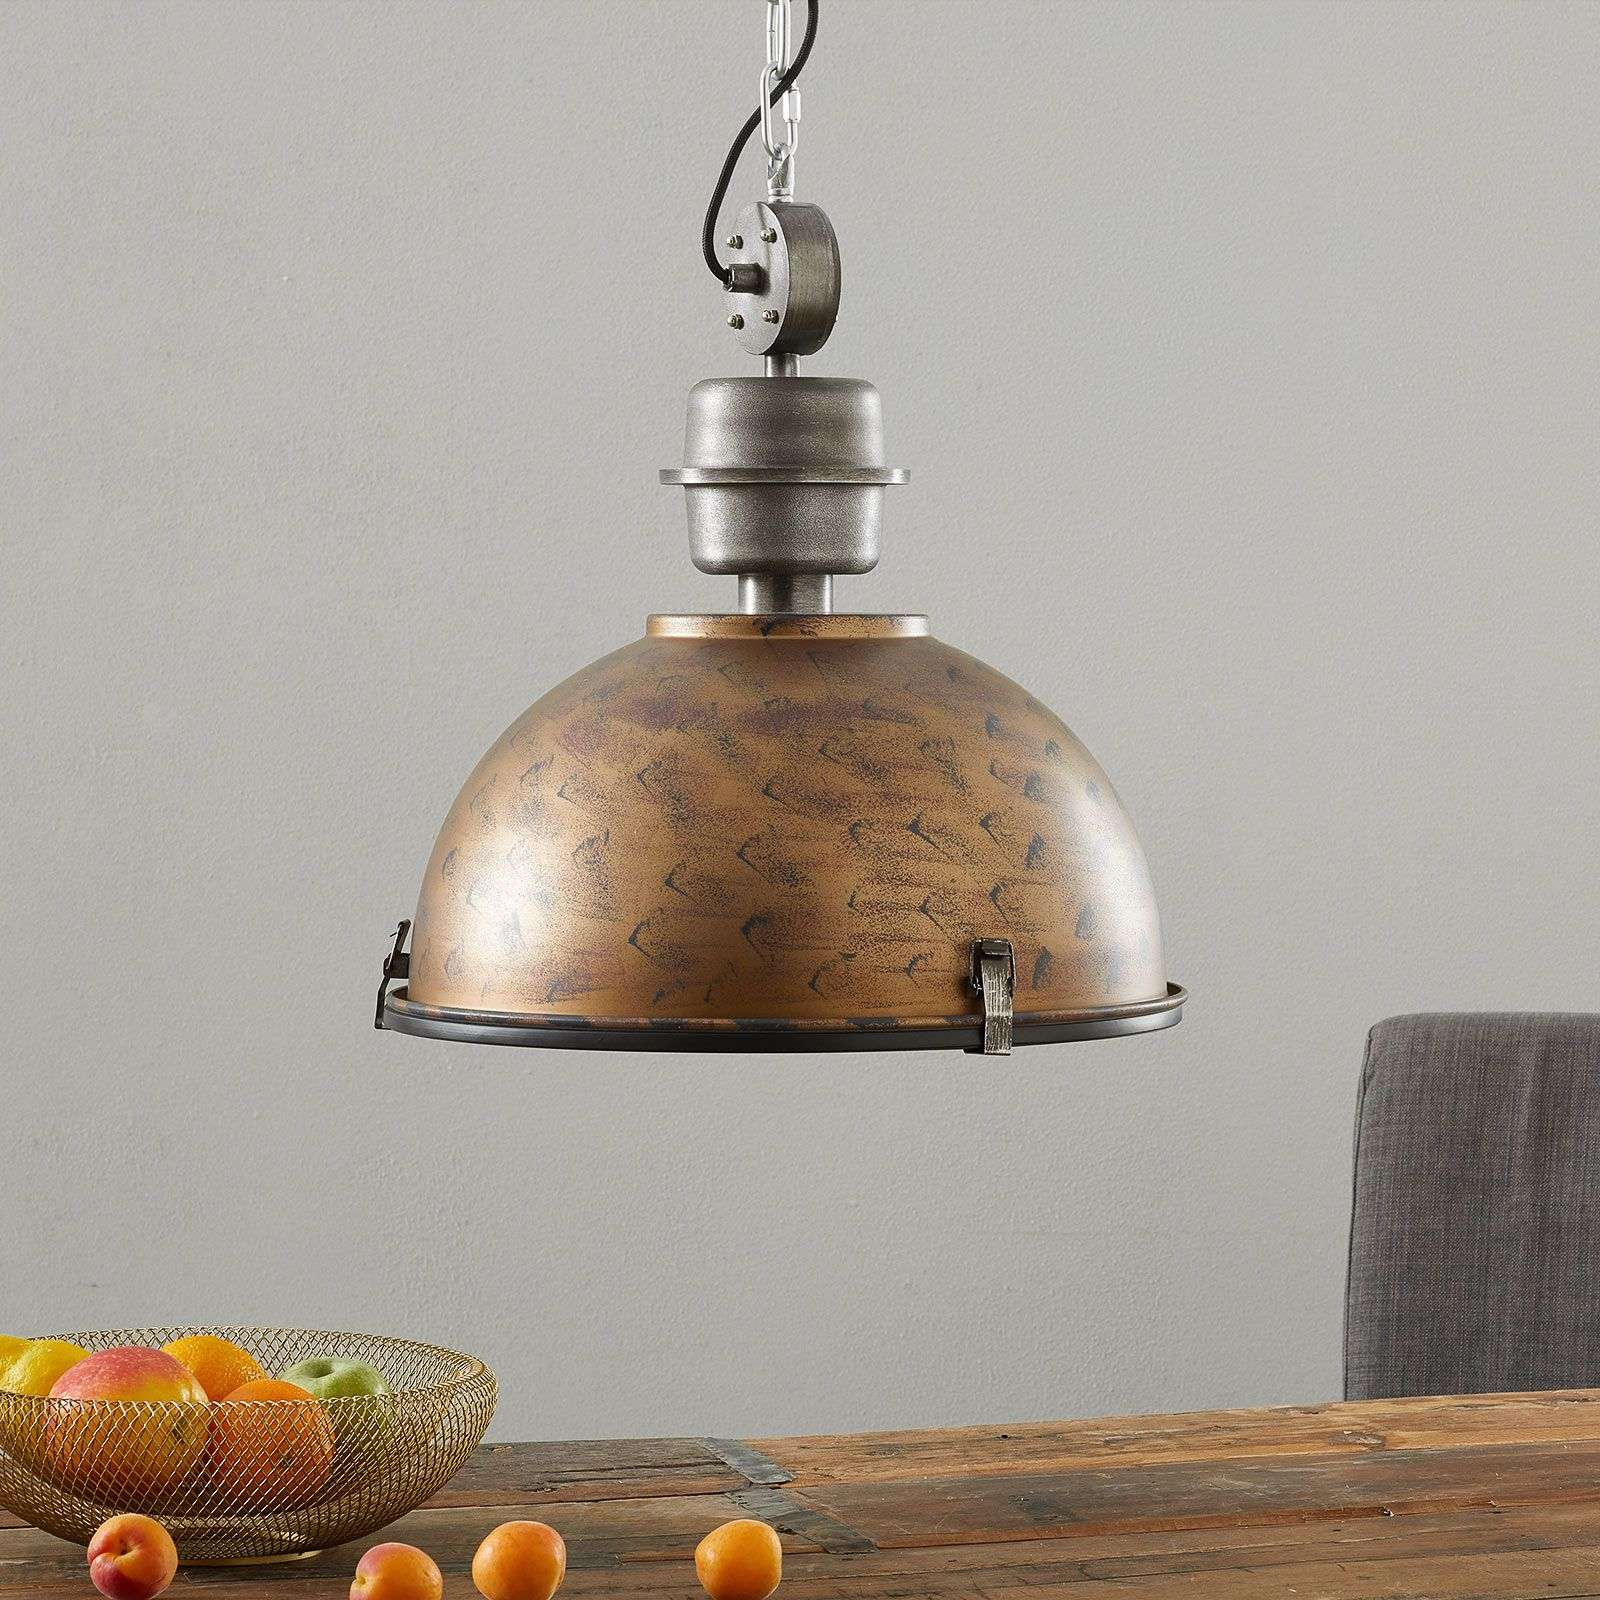 lighting industrial look. Copper Brown Bikkel Hanging Light, Industrial Look-8509641-31 Lighting Look G